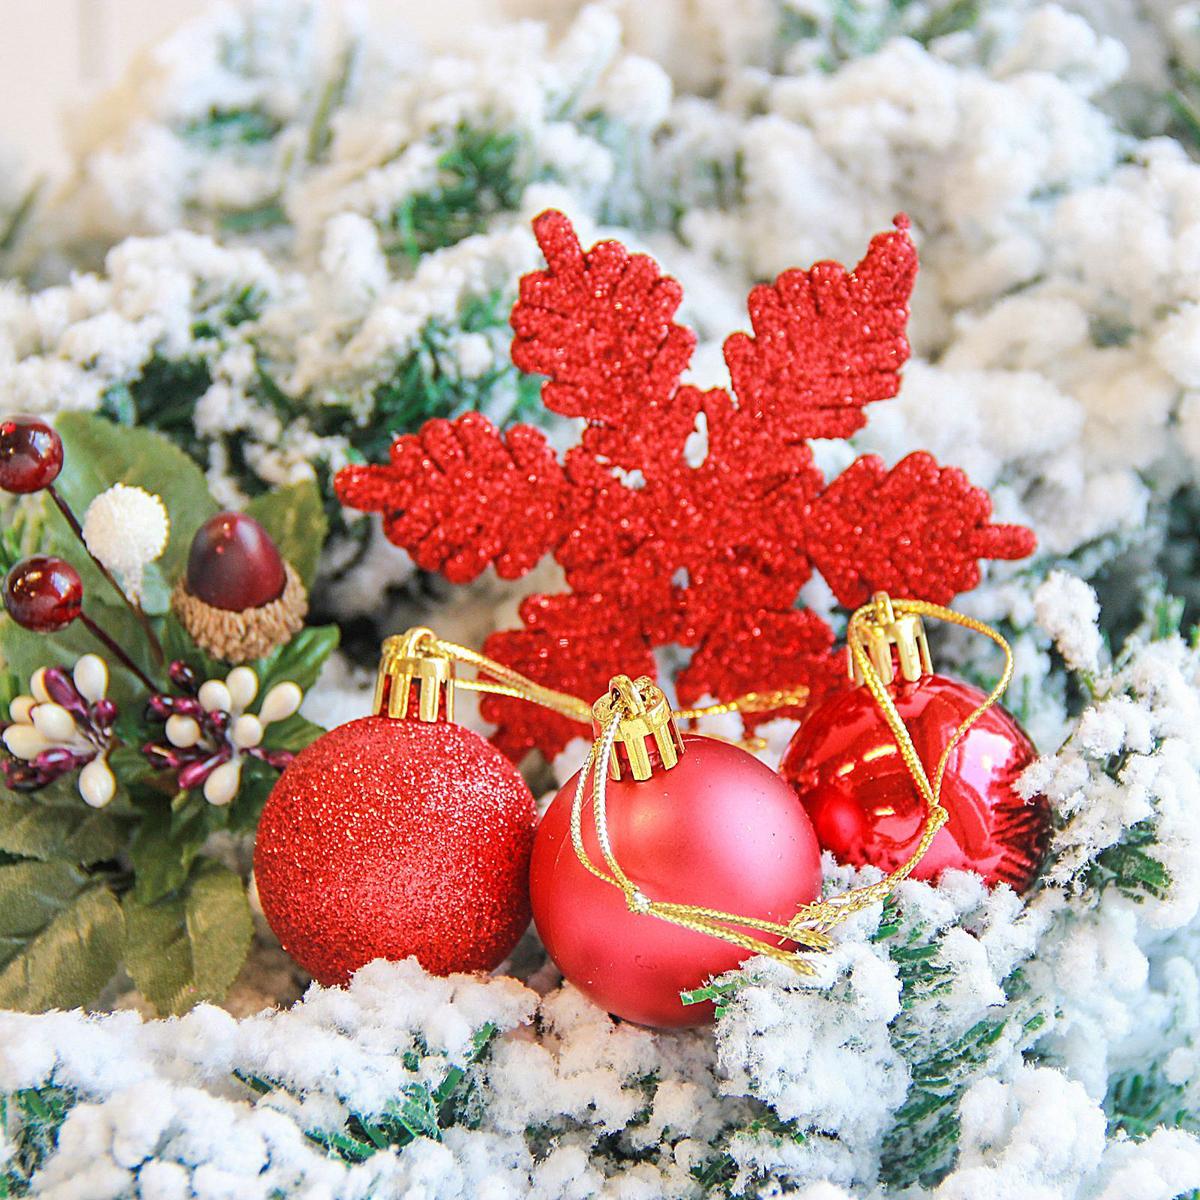 Набор новогодних подвесных украшений Sima-land Снежинка, 24 шт. 21228982122898Невозможно представить нашу жизнь без праздников! Мы всегда ждём их и предвкушаем, обдумываем, как проведём памятный день, тщательно выбираем подарки и аксессуары, ведь именно они создают и поддерживают торжественный настрой.